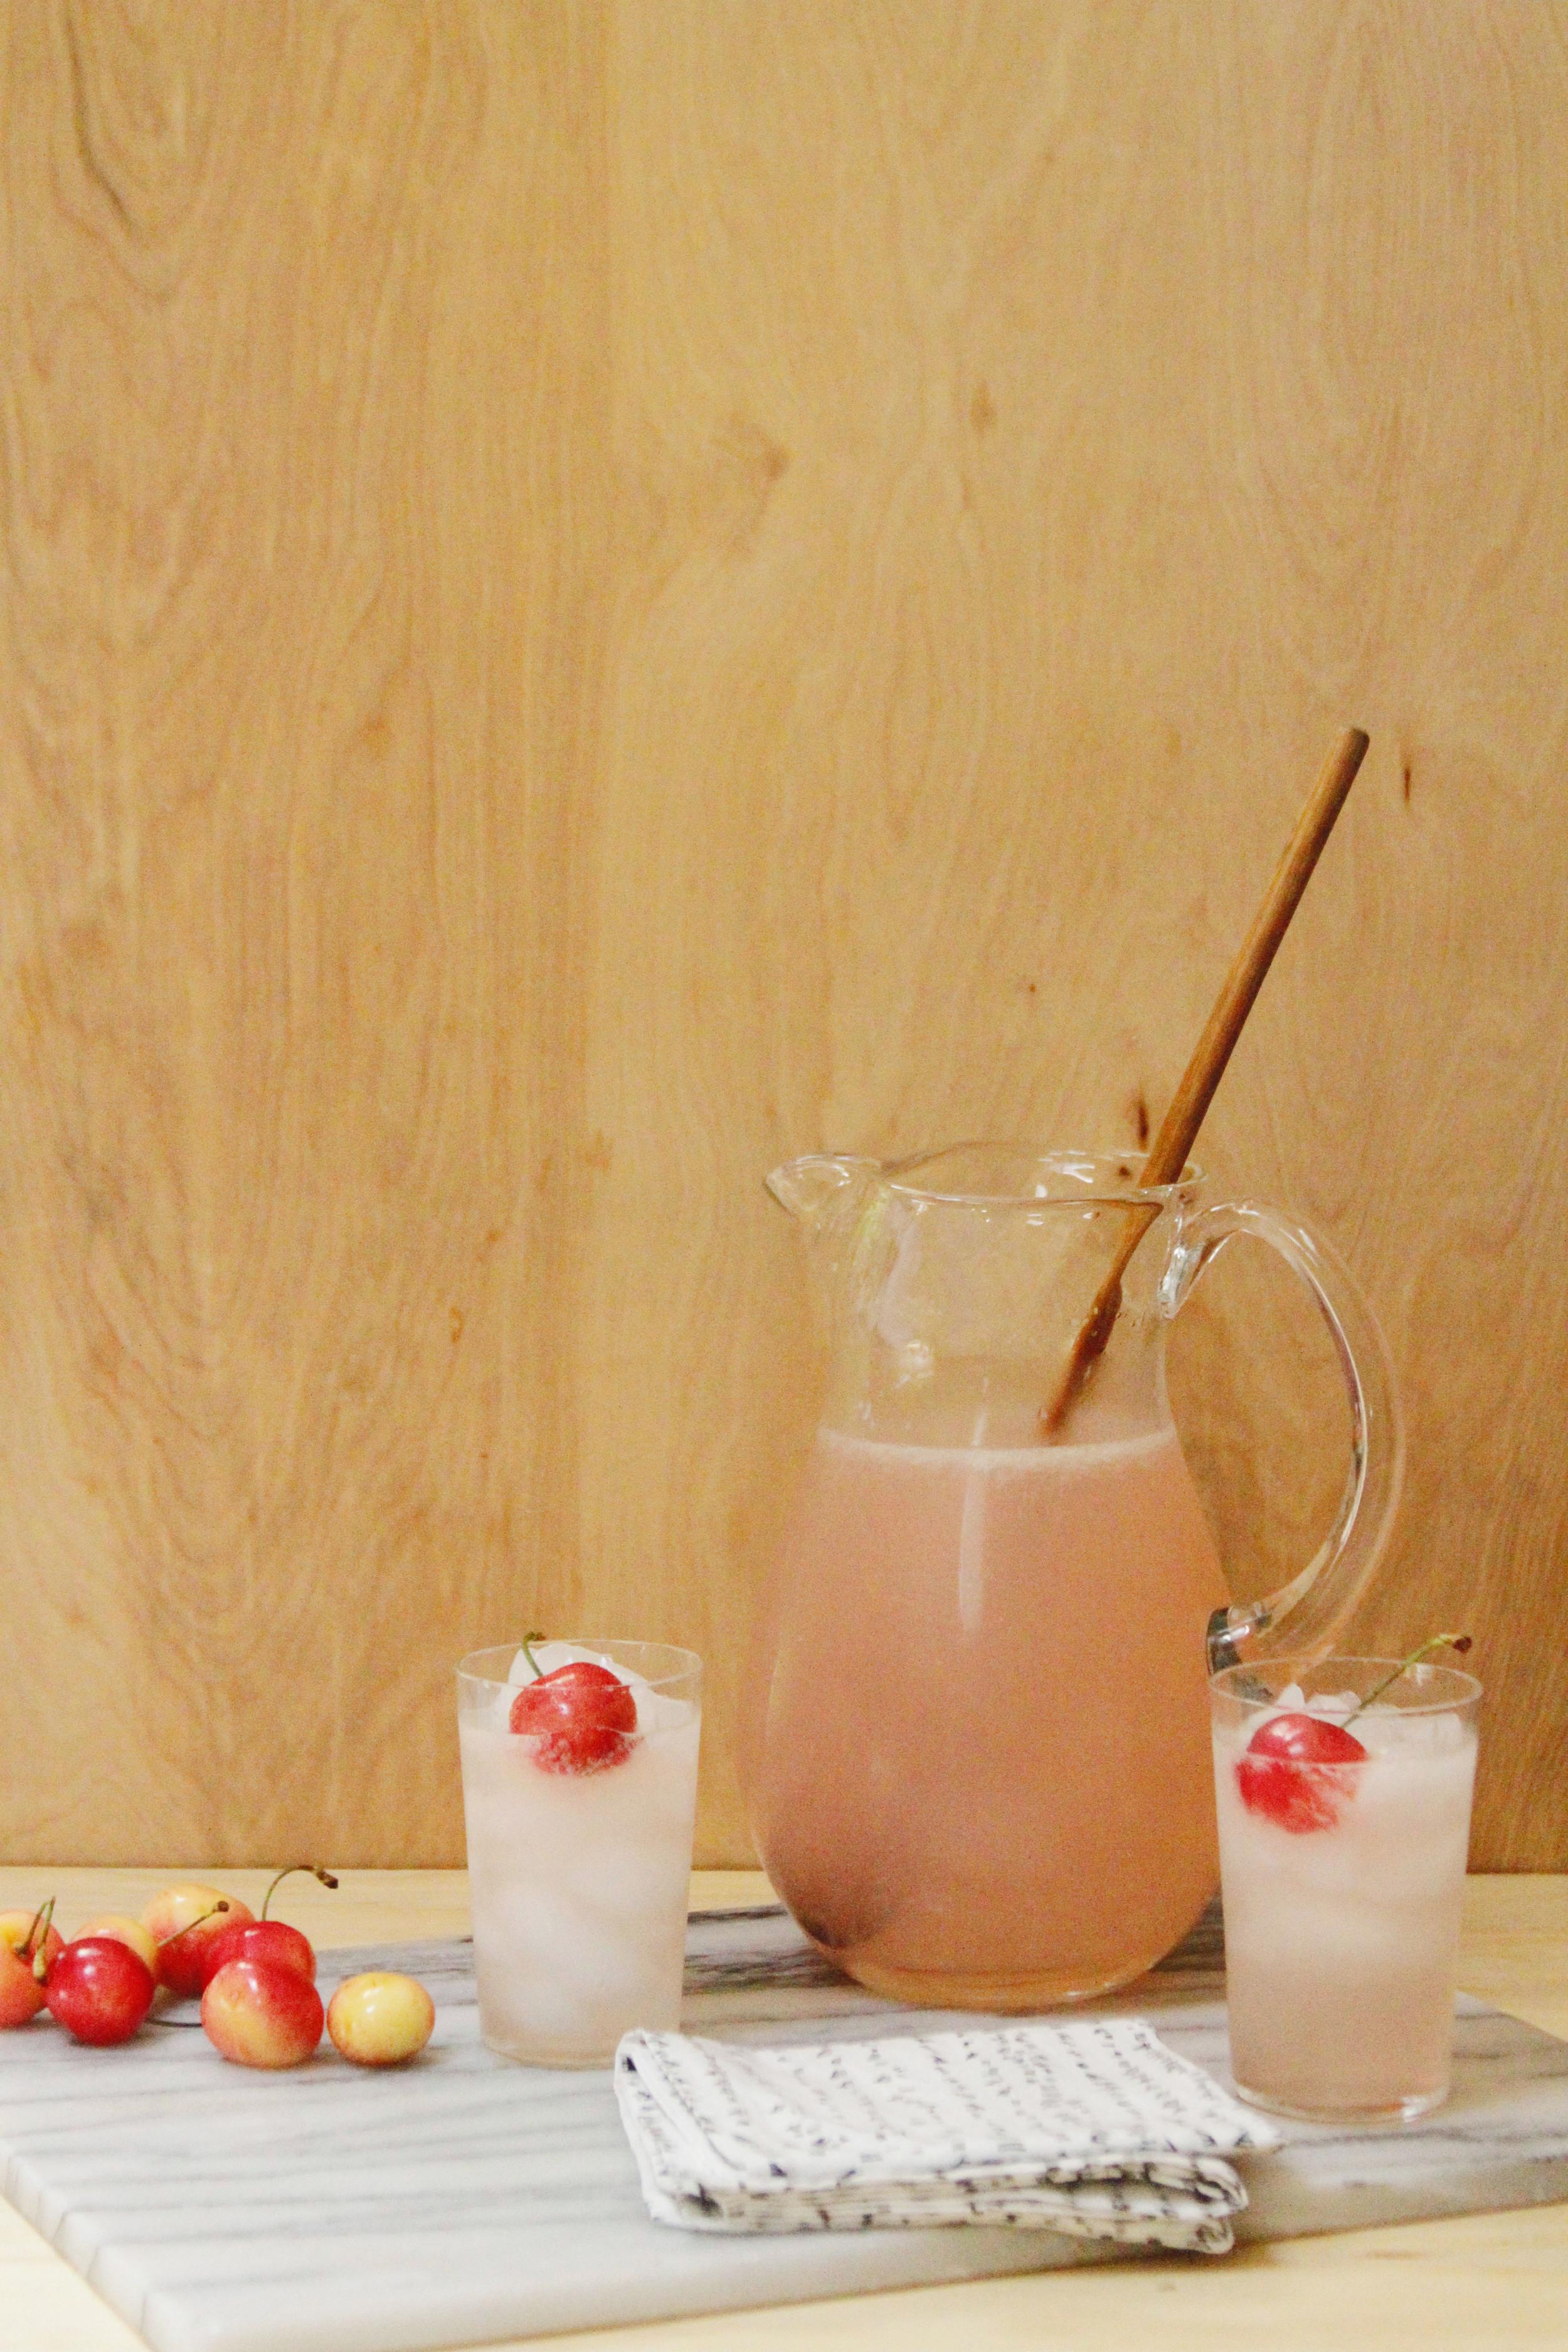 Spiked pink lemonade